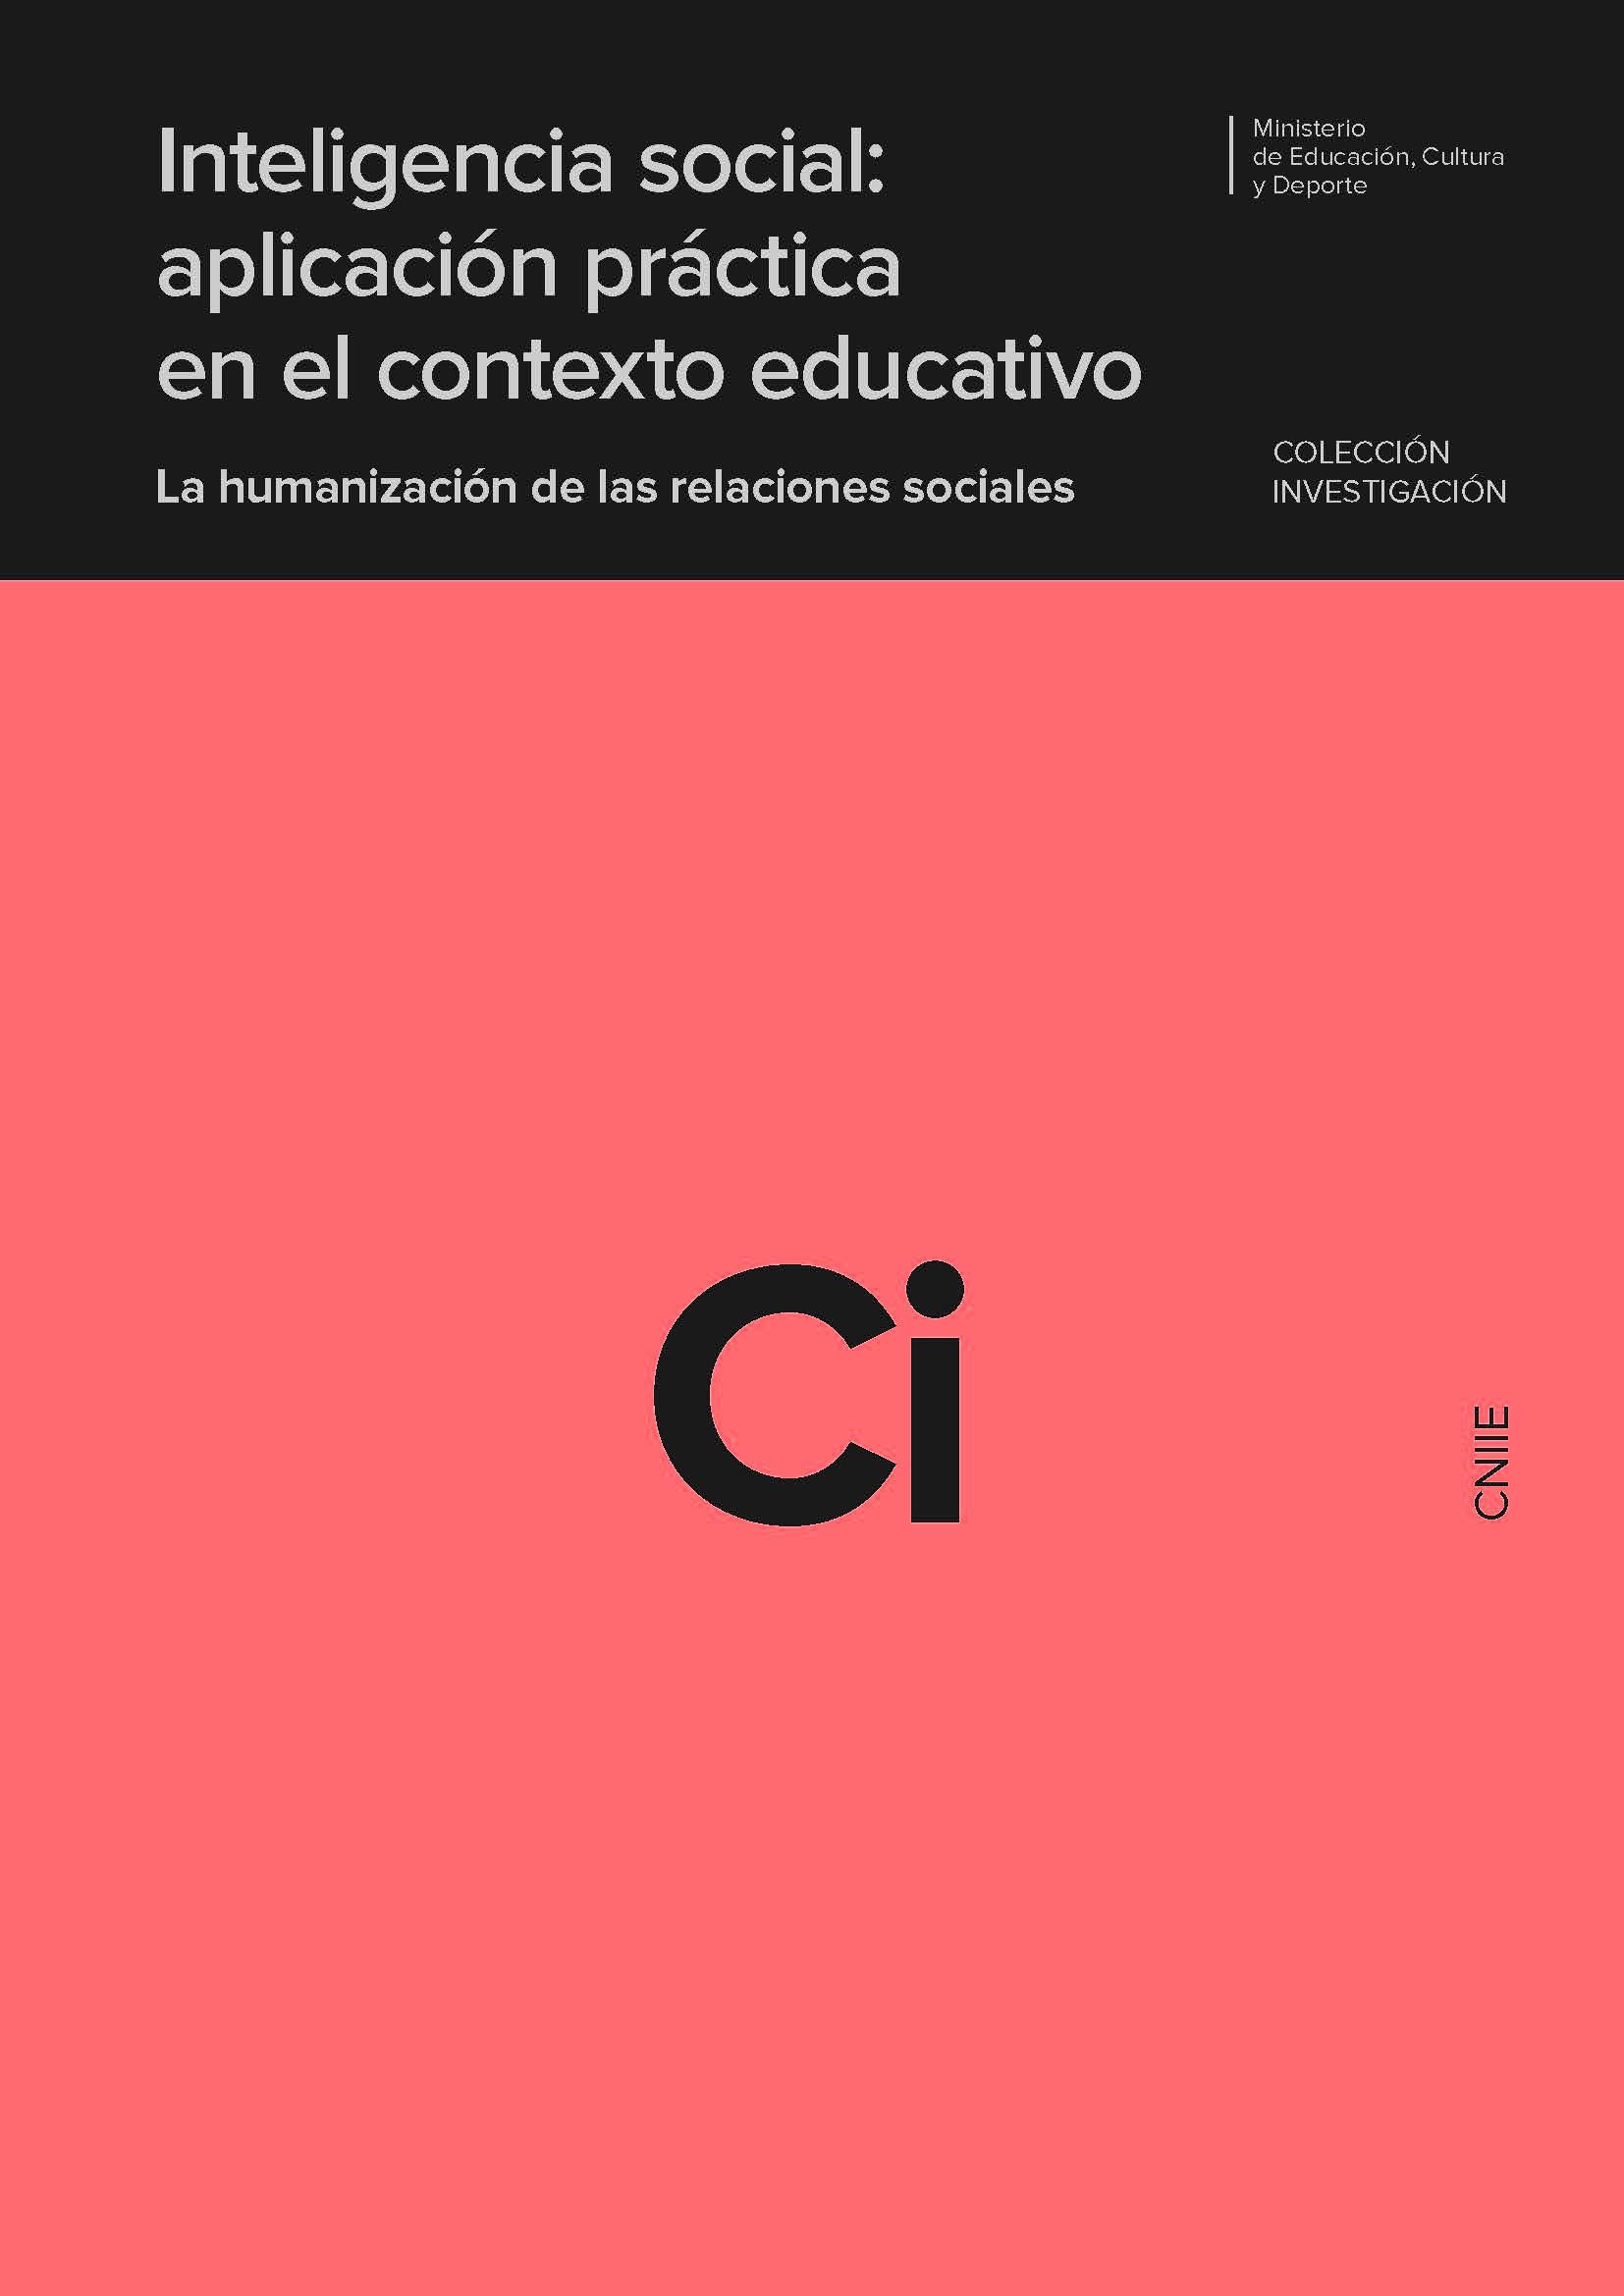 Inteligencia social: aplicación práctica en el contexto educativo. La humanización de las relaciones sociales | Blog de CNIIE